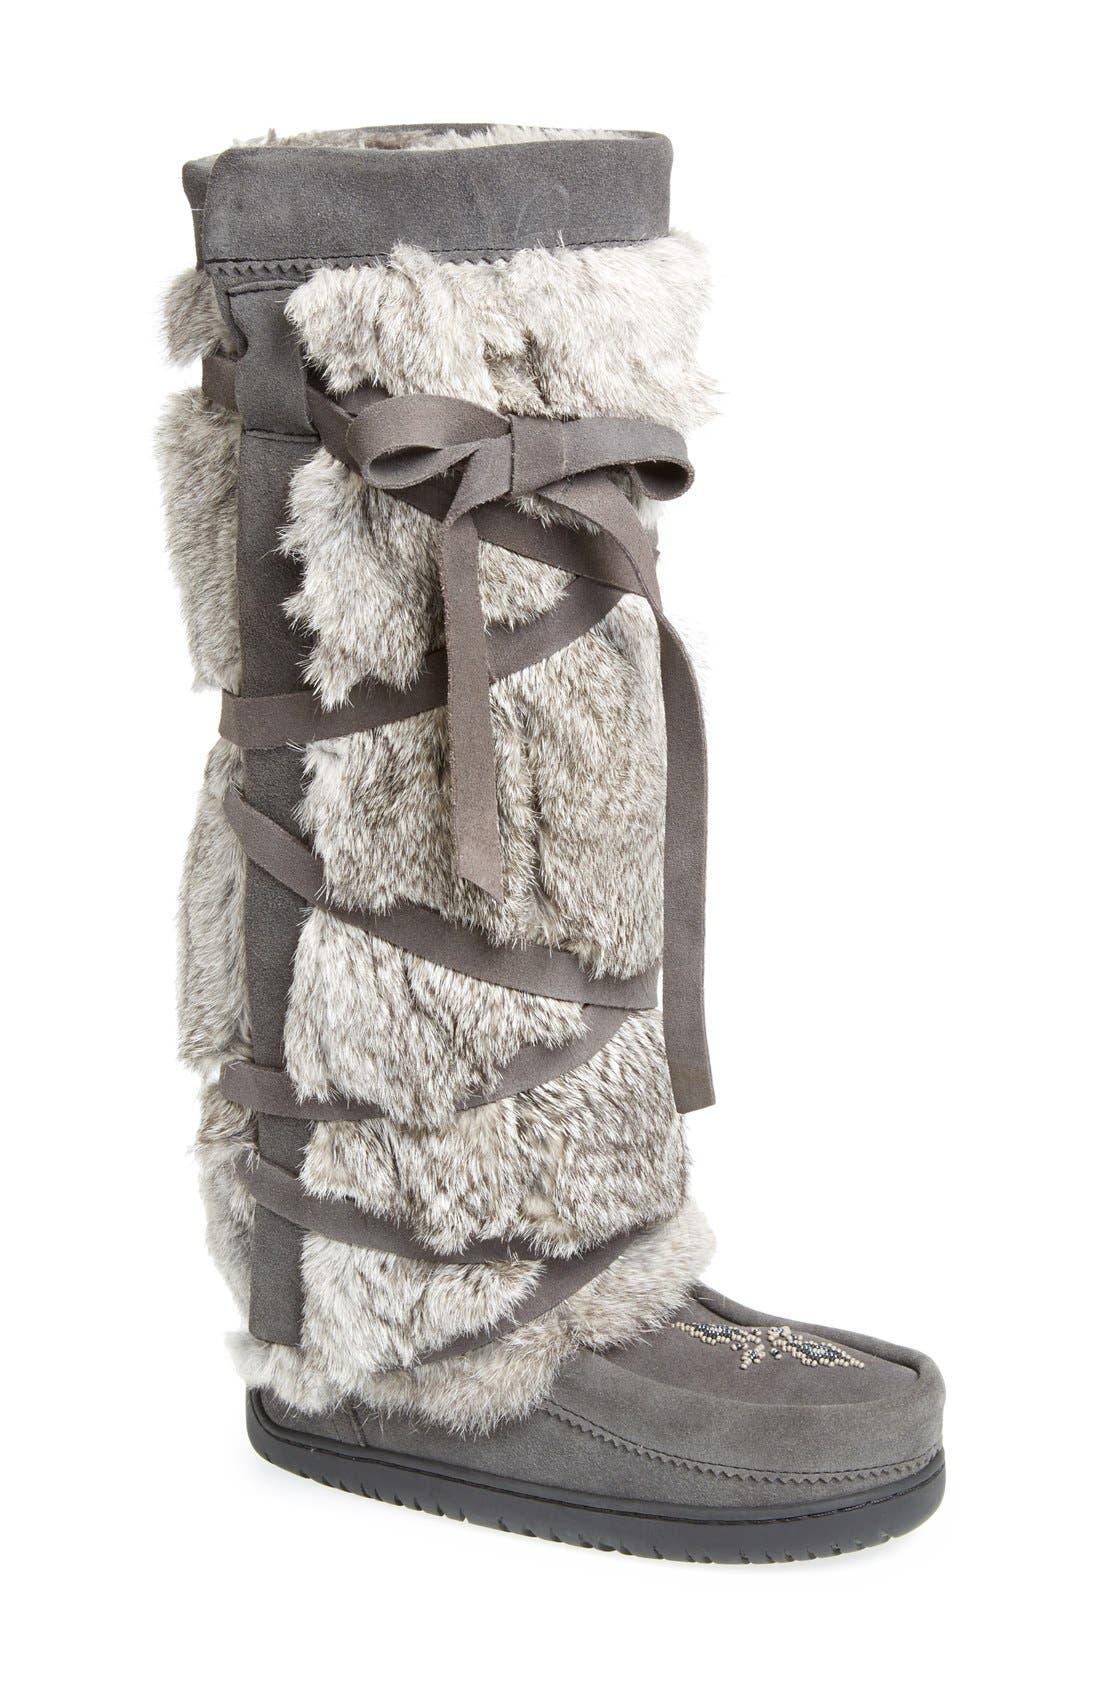 Manitobah Mukluks Genuine Rabbit Fur Tall Wrap Boot, Grey